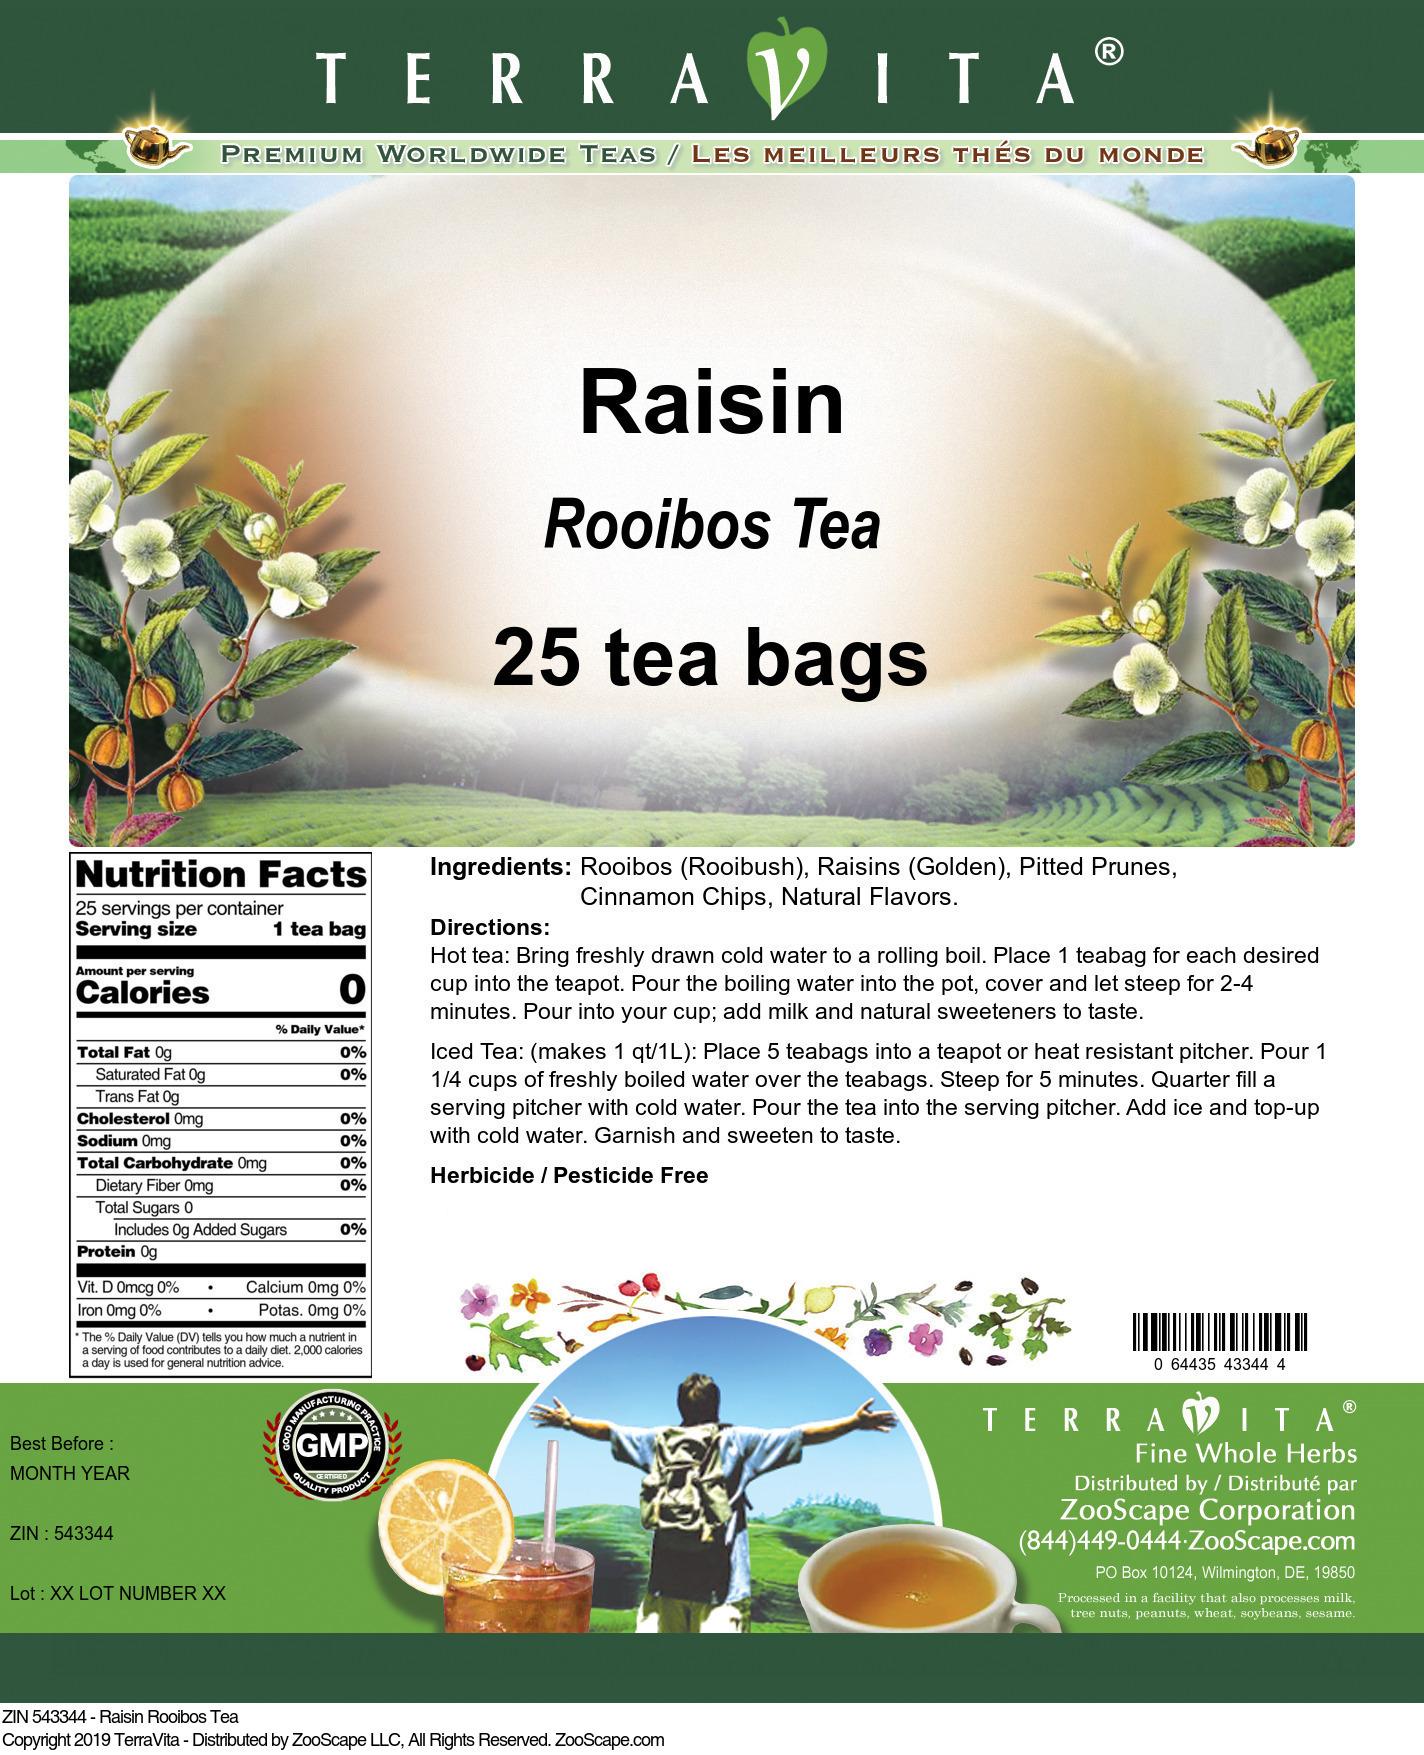 Raisin Rooibos Tea